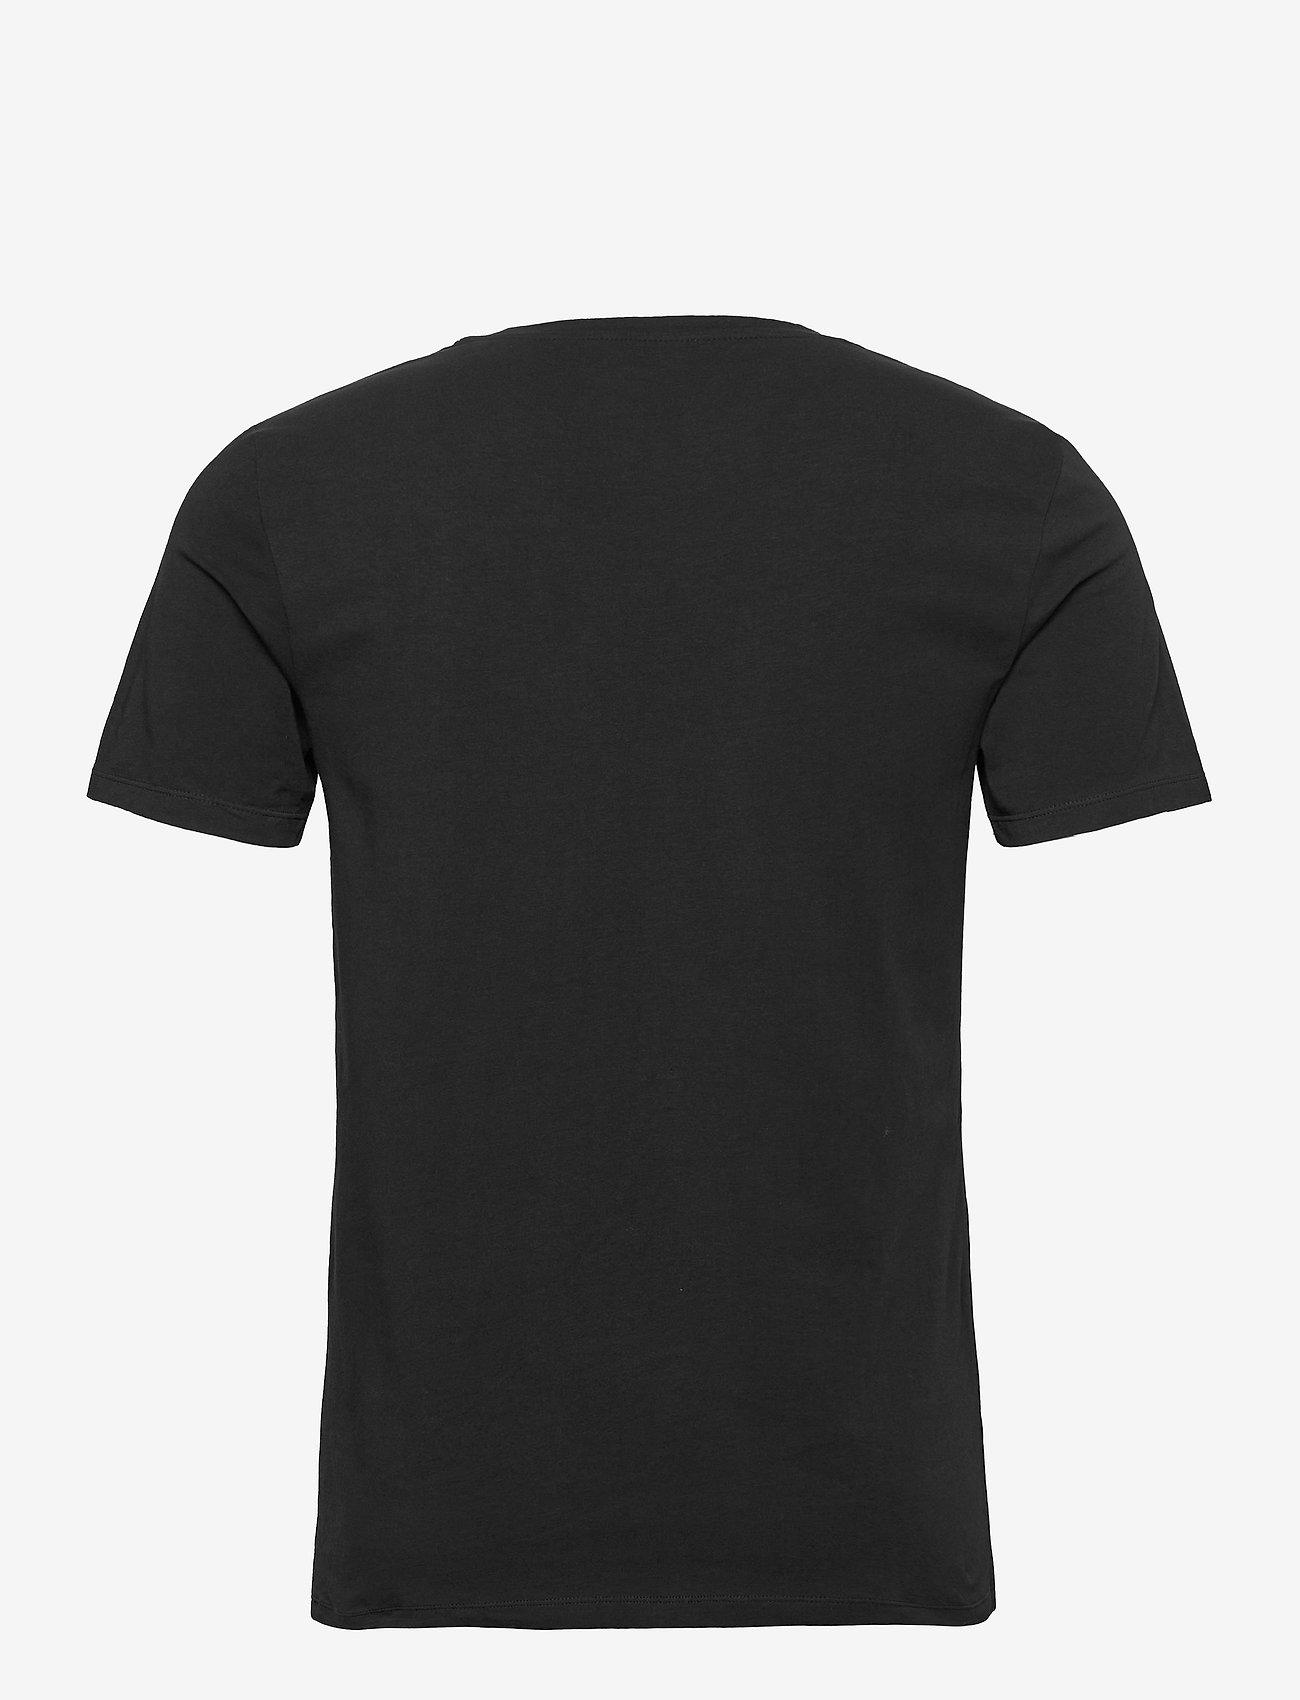 Björn Borg TEE THOMAS SOLID - T-skjorter BLACK BEAUTY - Menn Klær